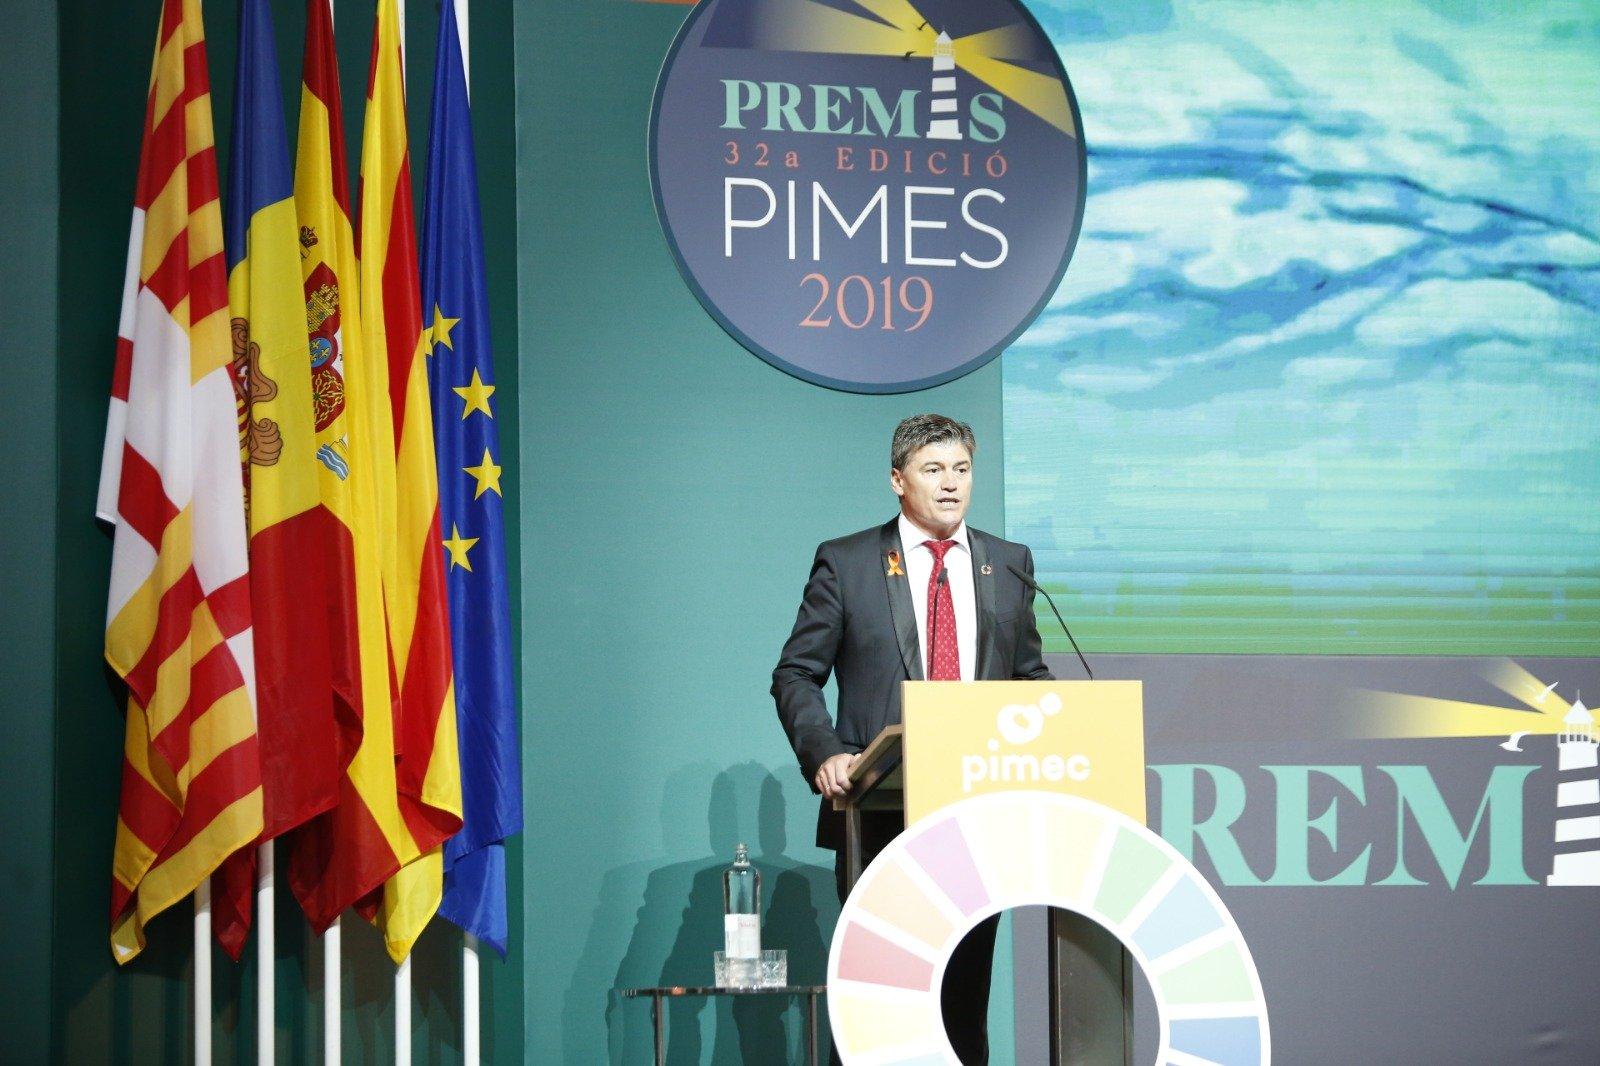 ELNACIONAL premis pimes 2019 - sergi alcazar